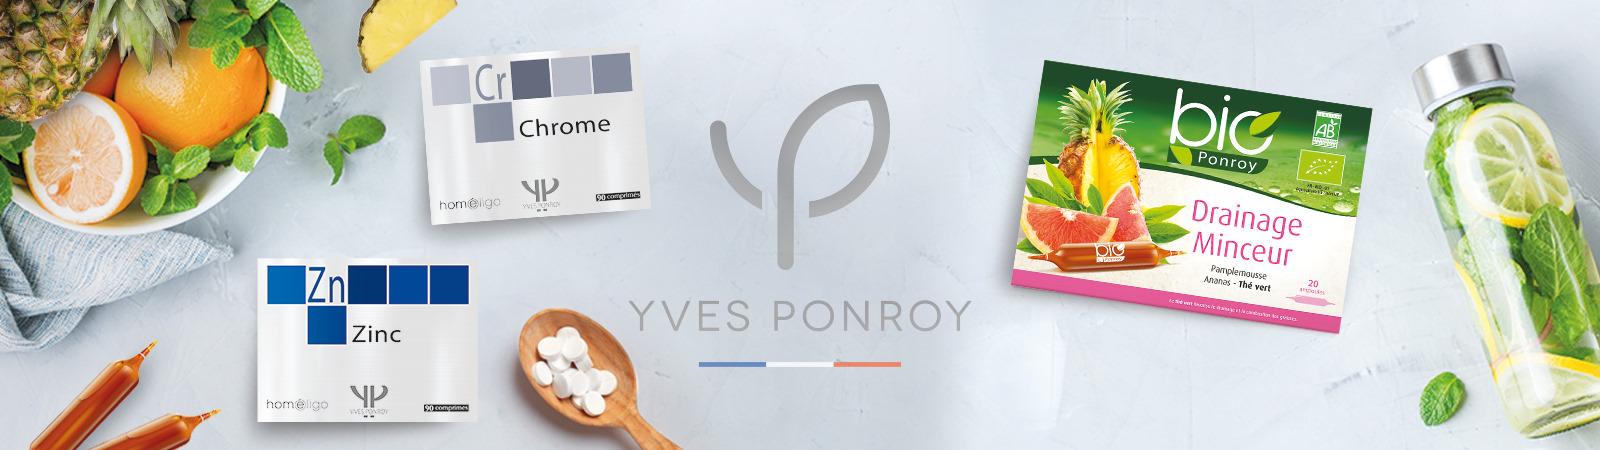 Yves Ponroy